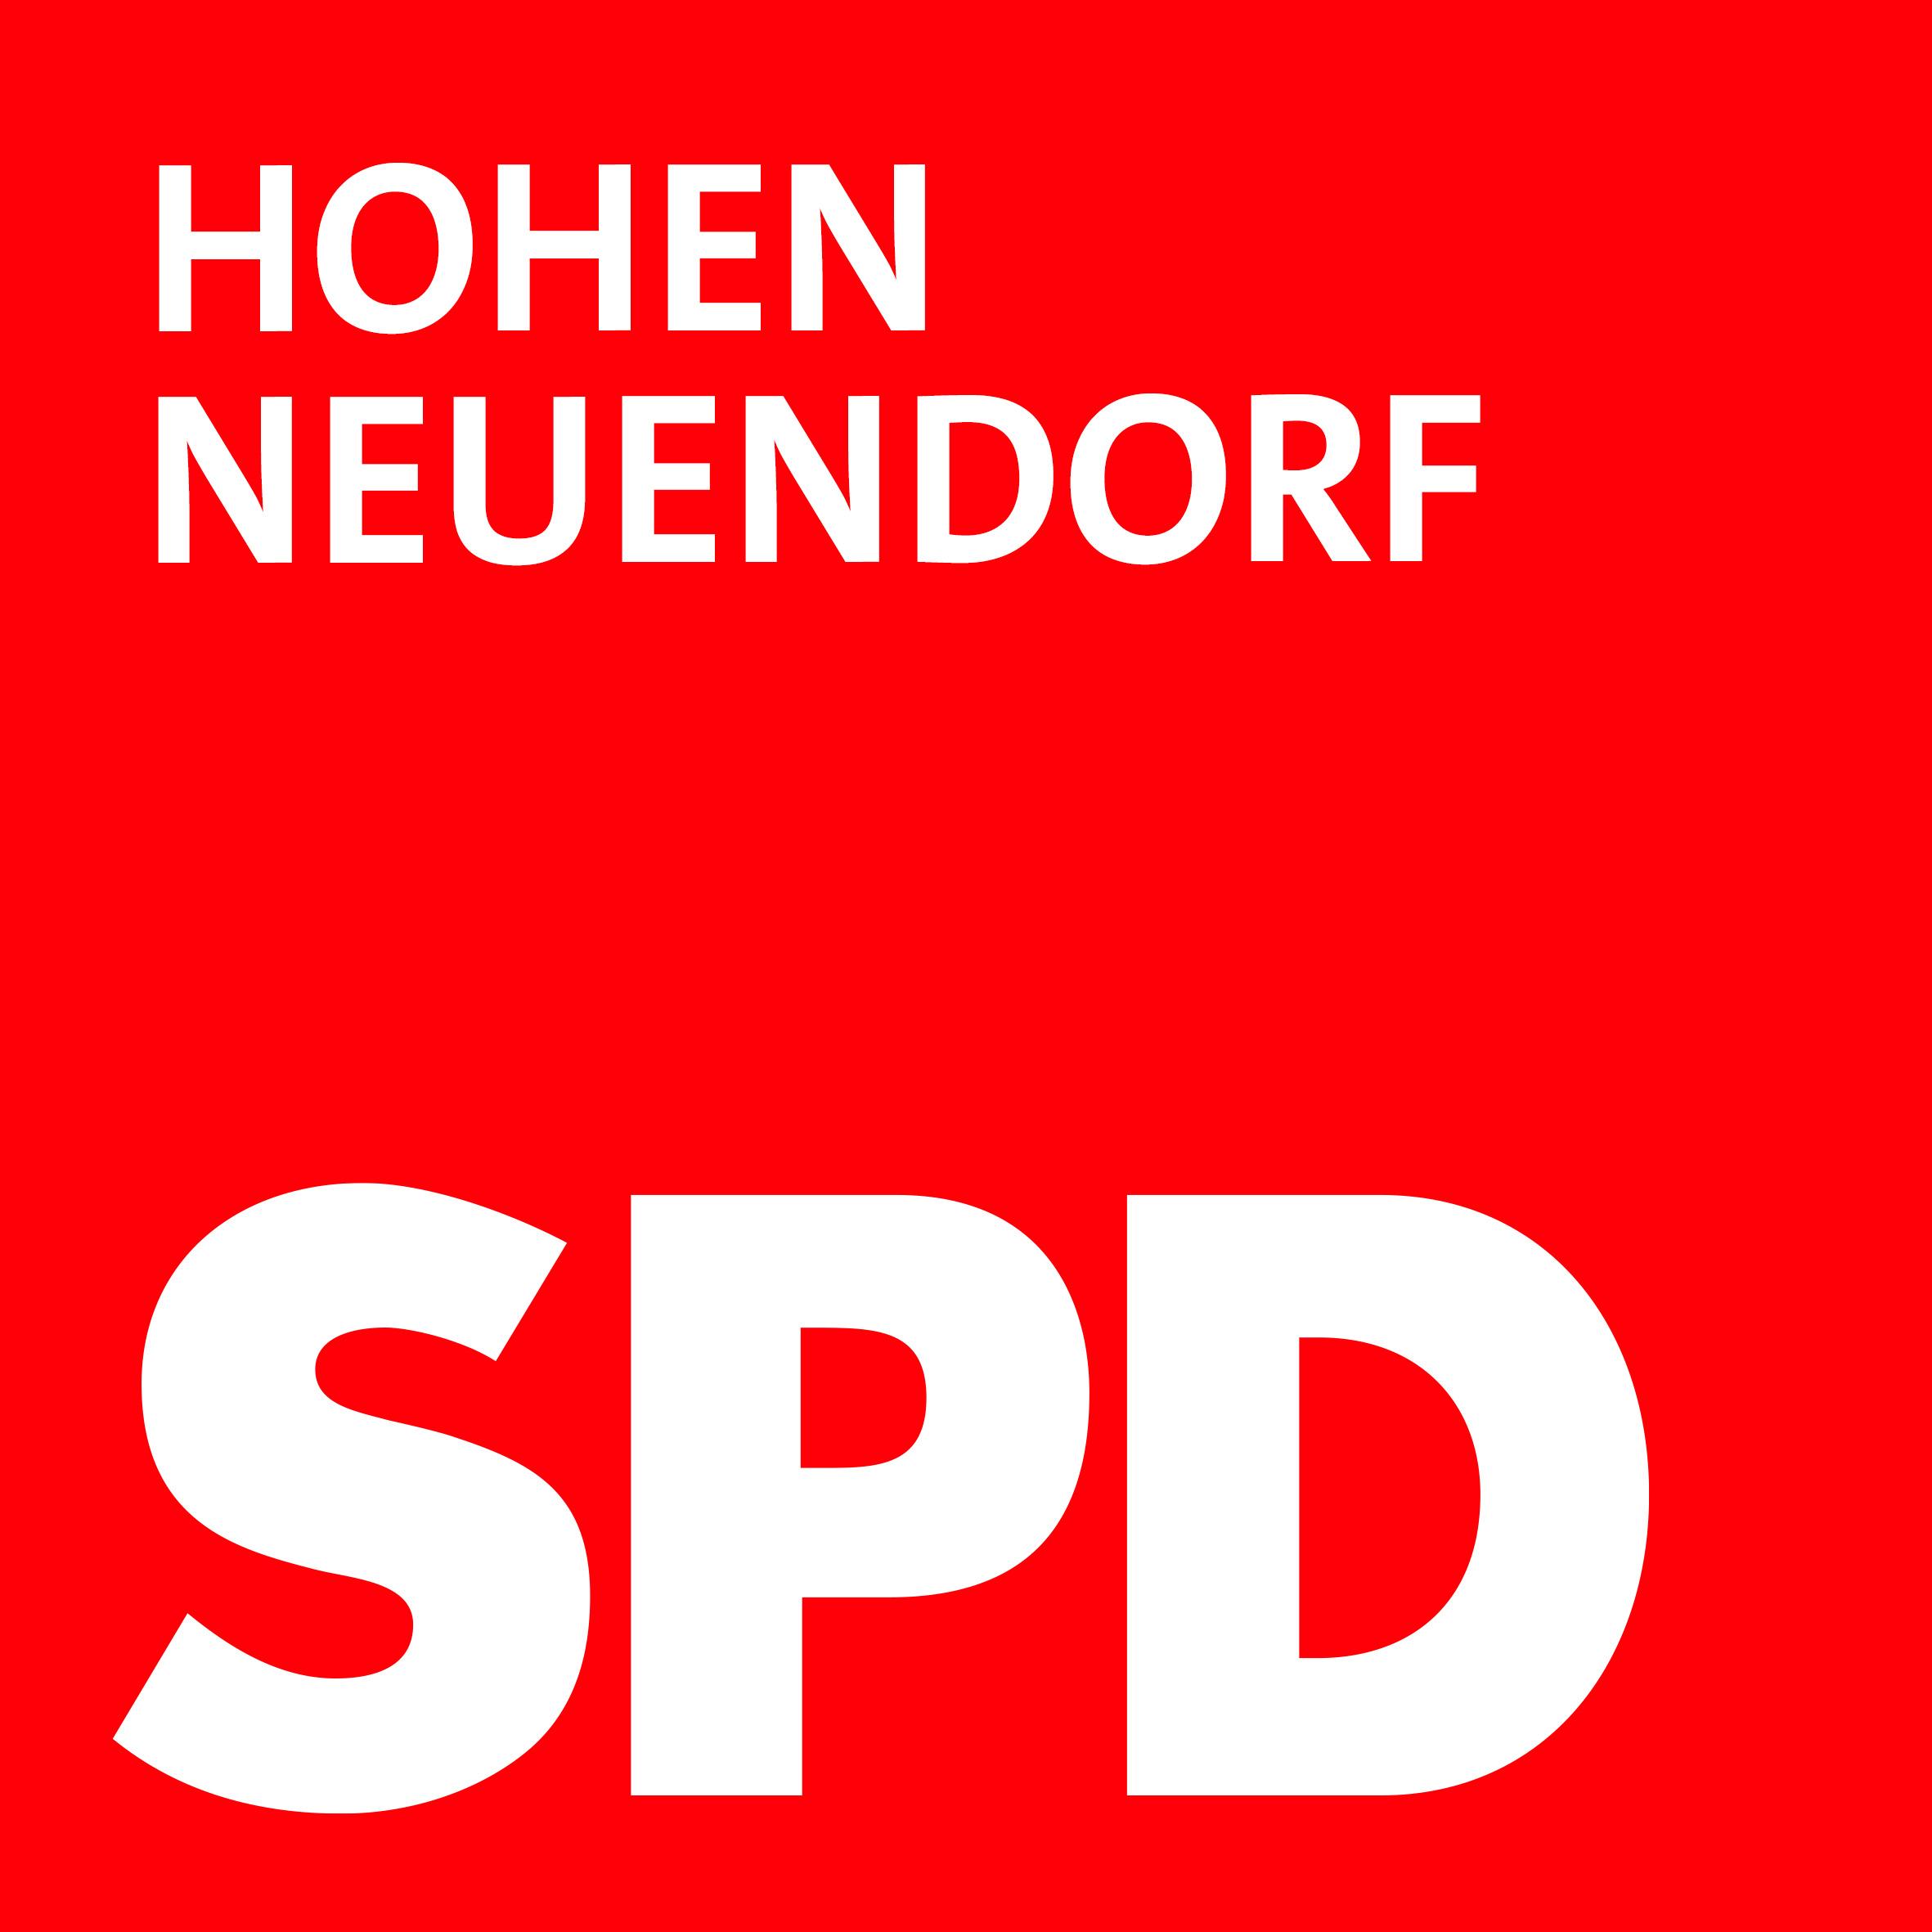 SPD Hohen Neuendorf